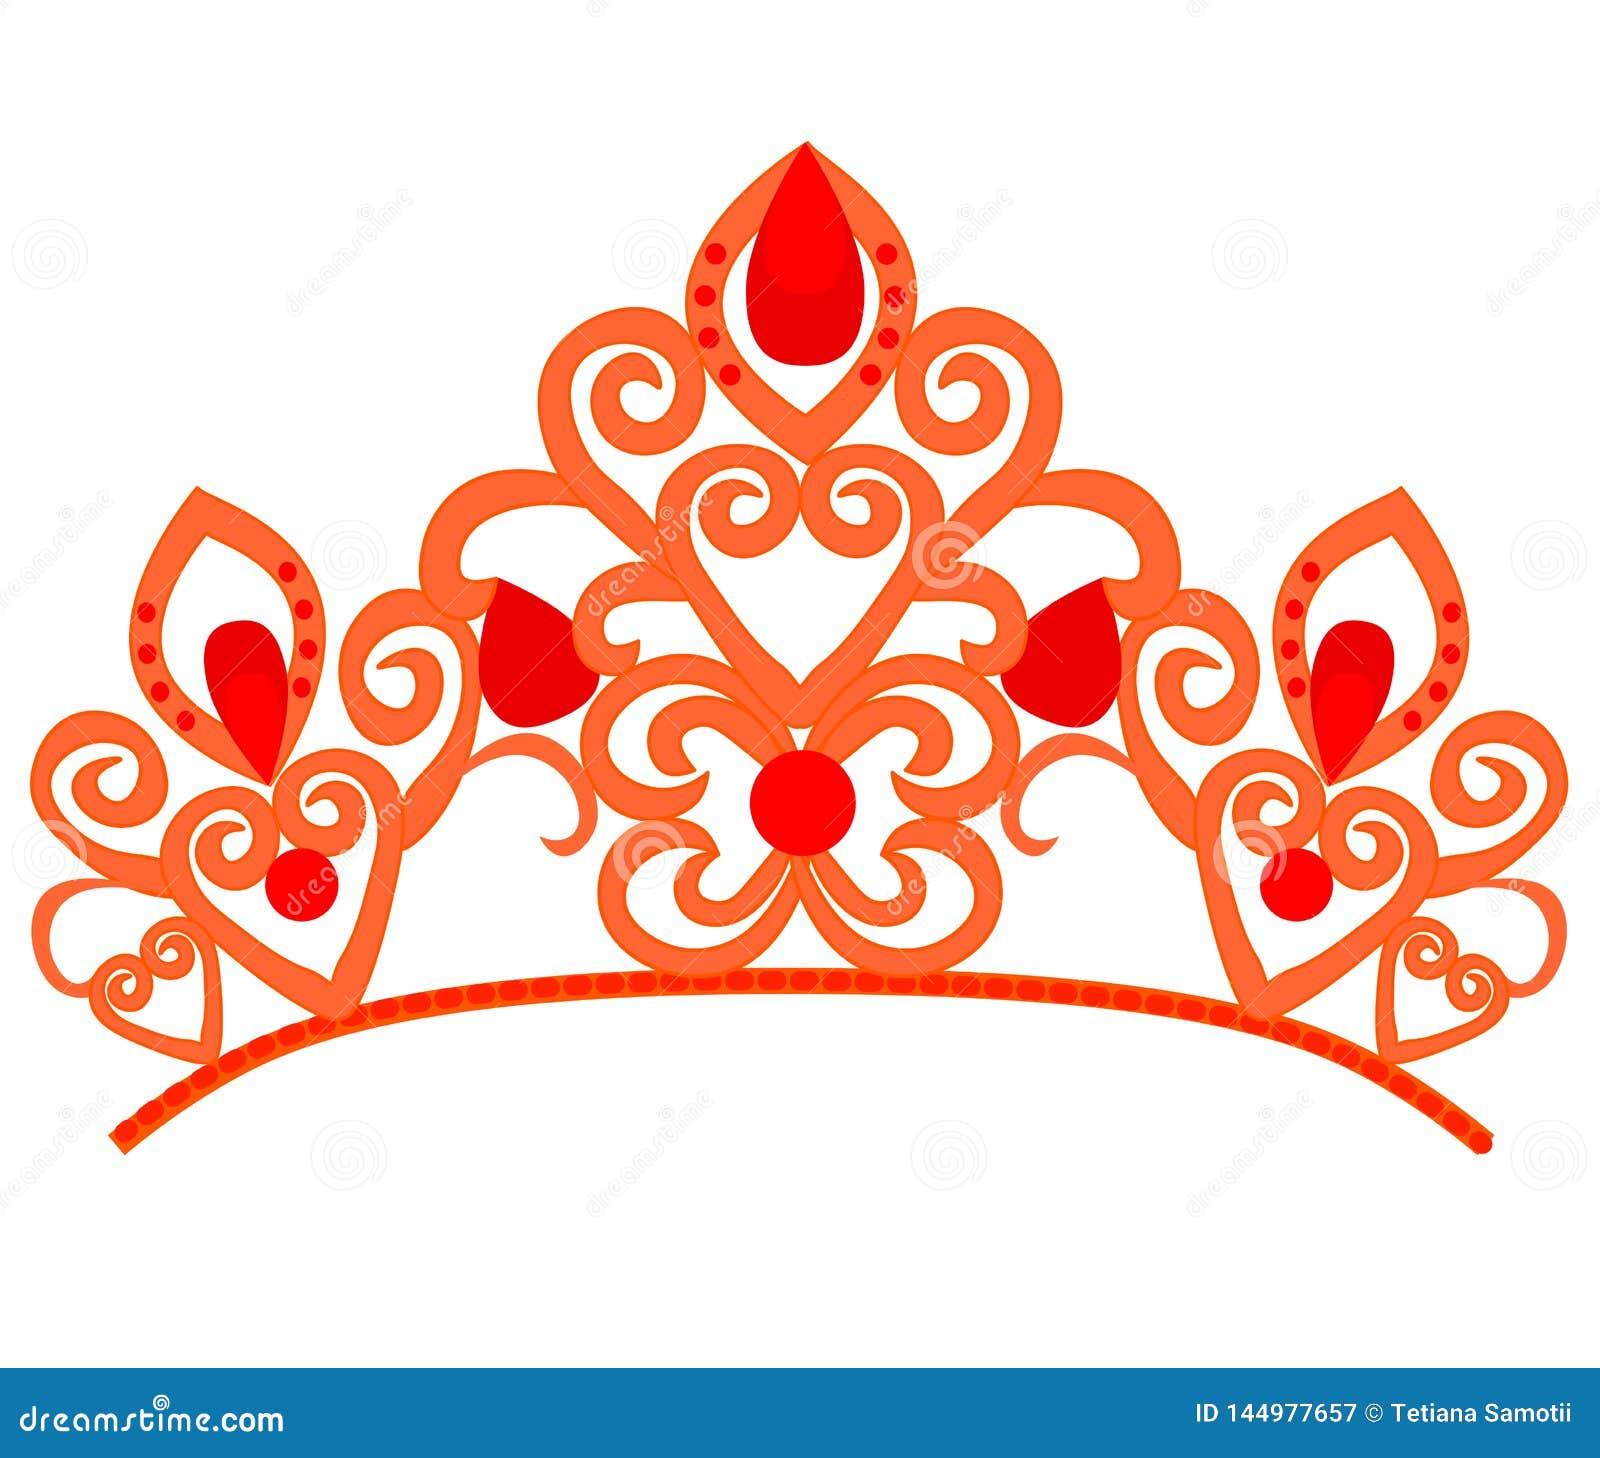 Abstrakcjonistyczny luksus, kr?lewskiej z?otej firma loga ikony wektorowy projekt Elegancka korona, tiara, diadem premii symbol